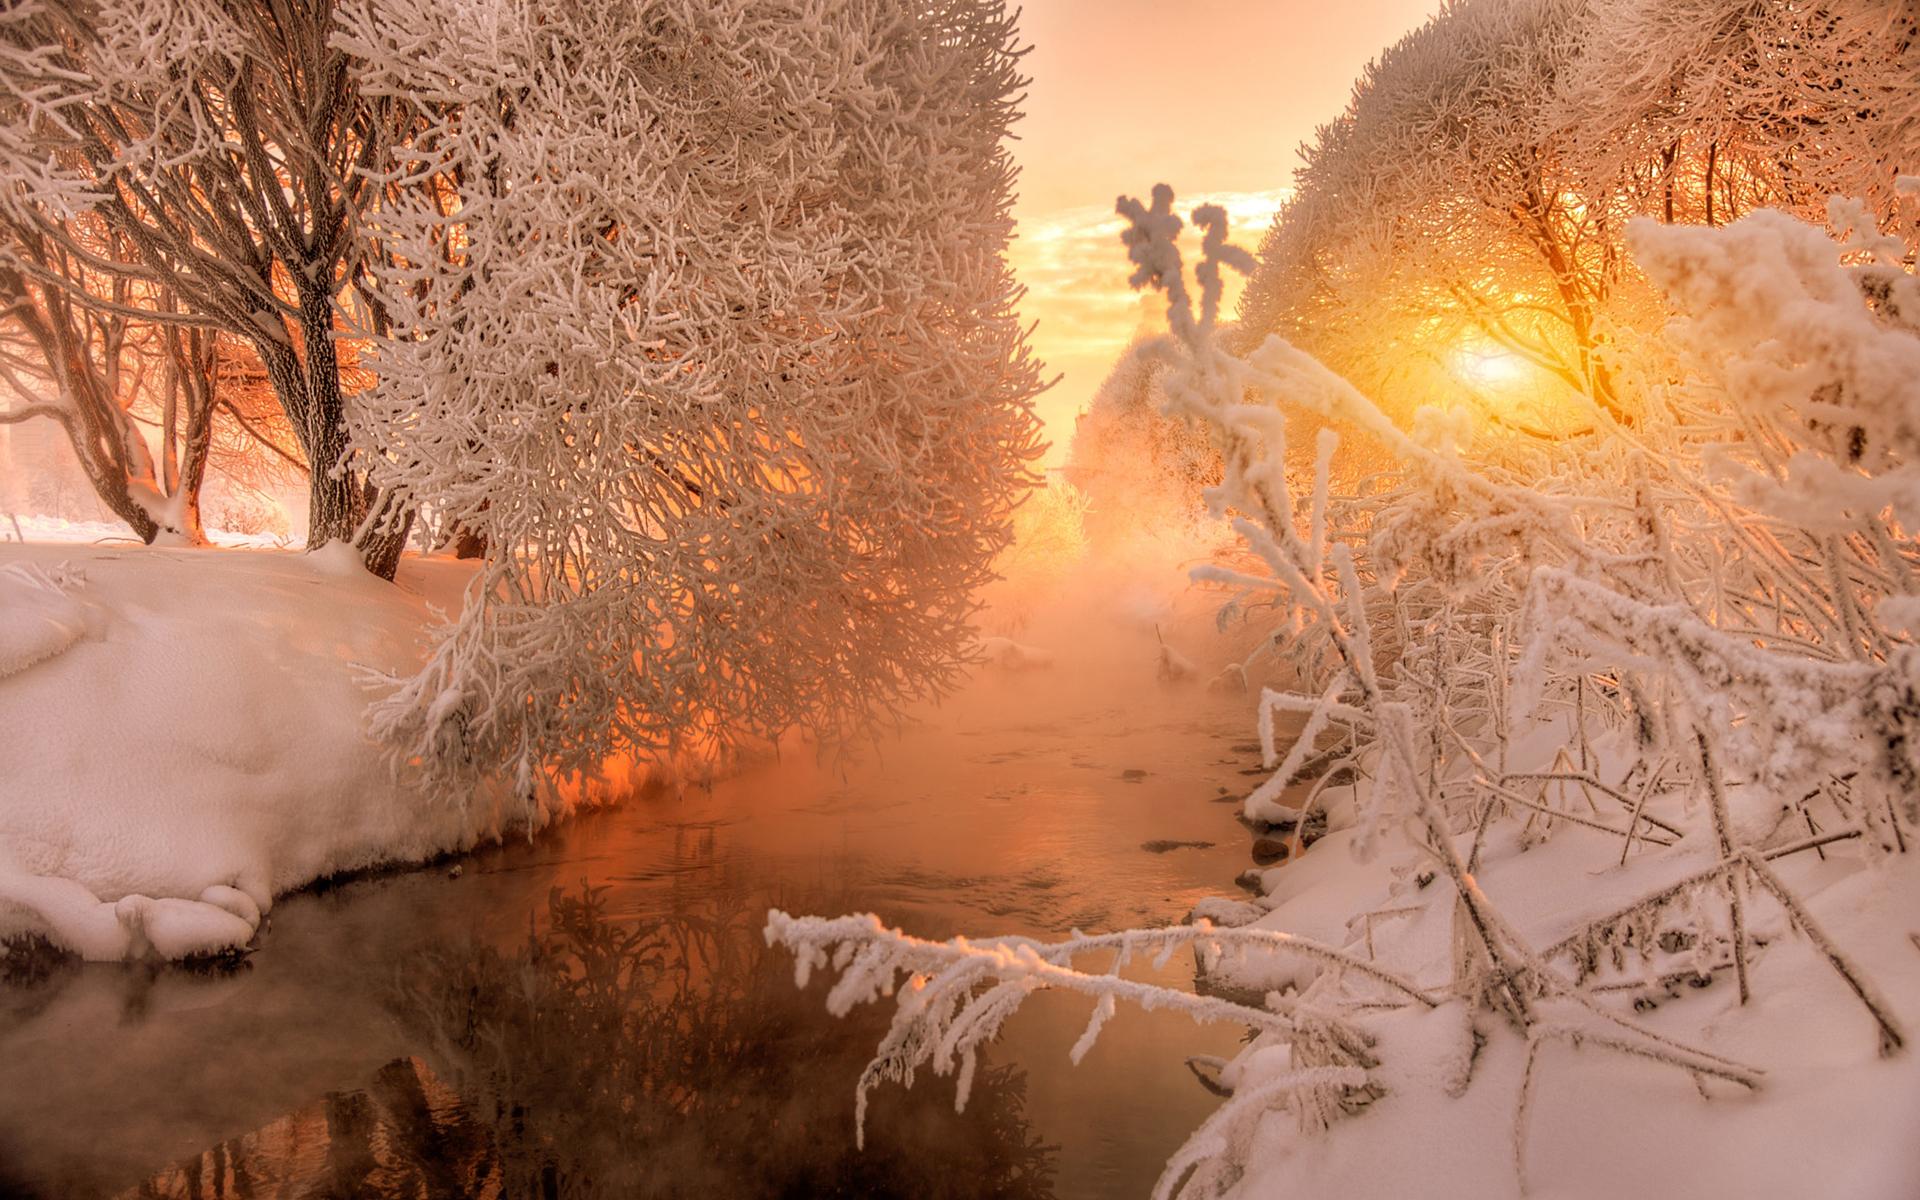 естественный картинка ч добрым утром с зимними пейзажами последнее